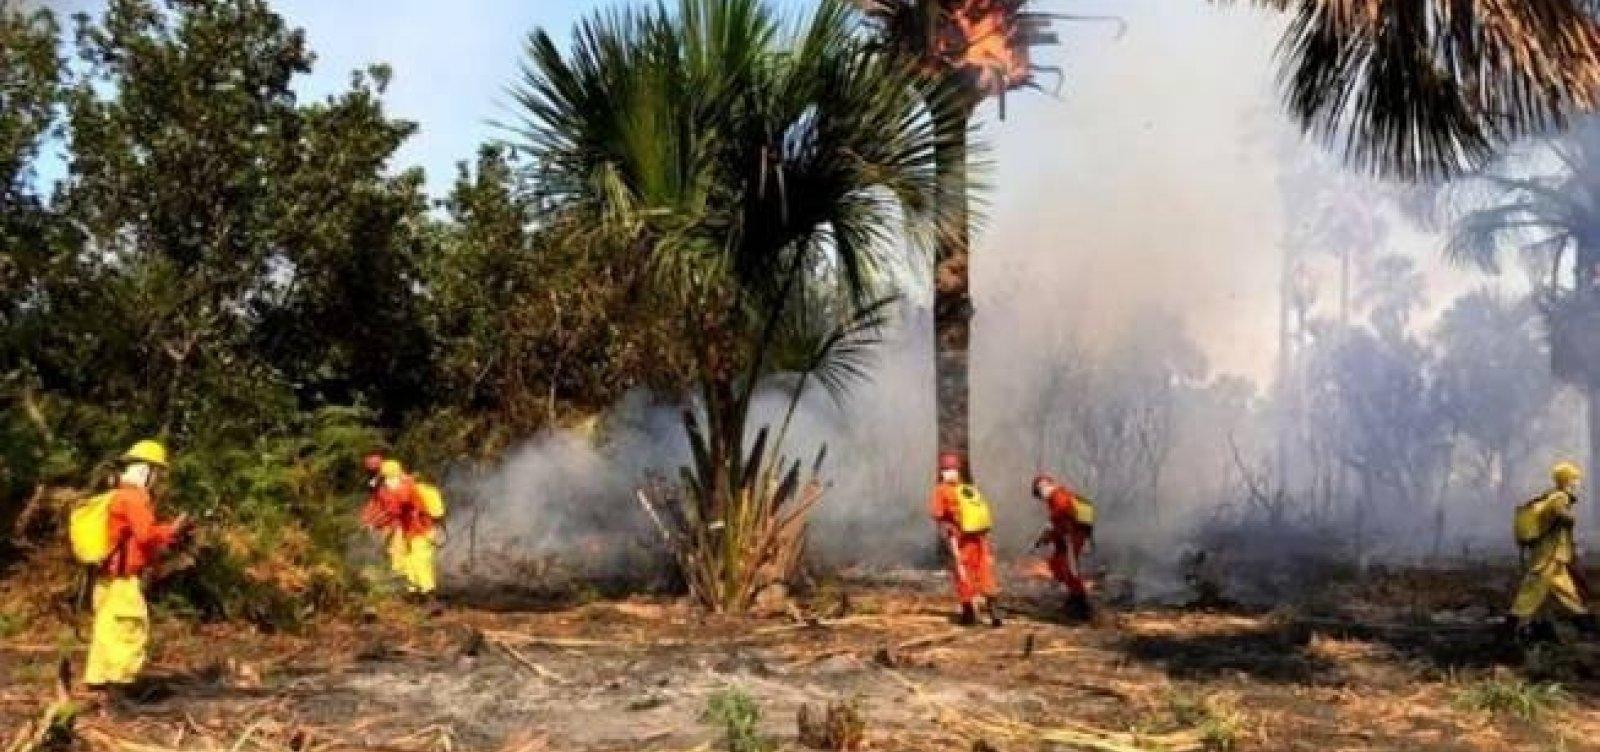 [Fogo no oeste da Bahia se aproxima das casas de moradores; governo envia aviões]